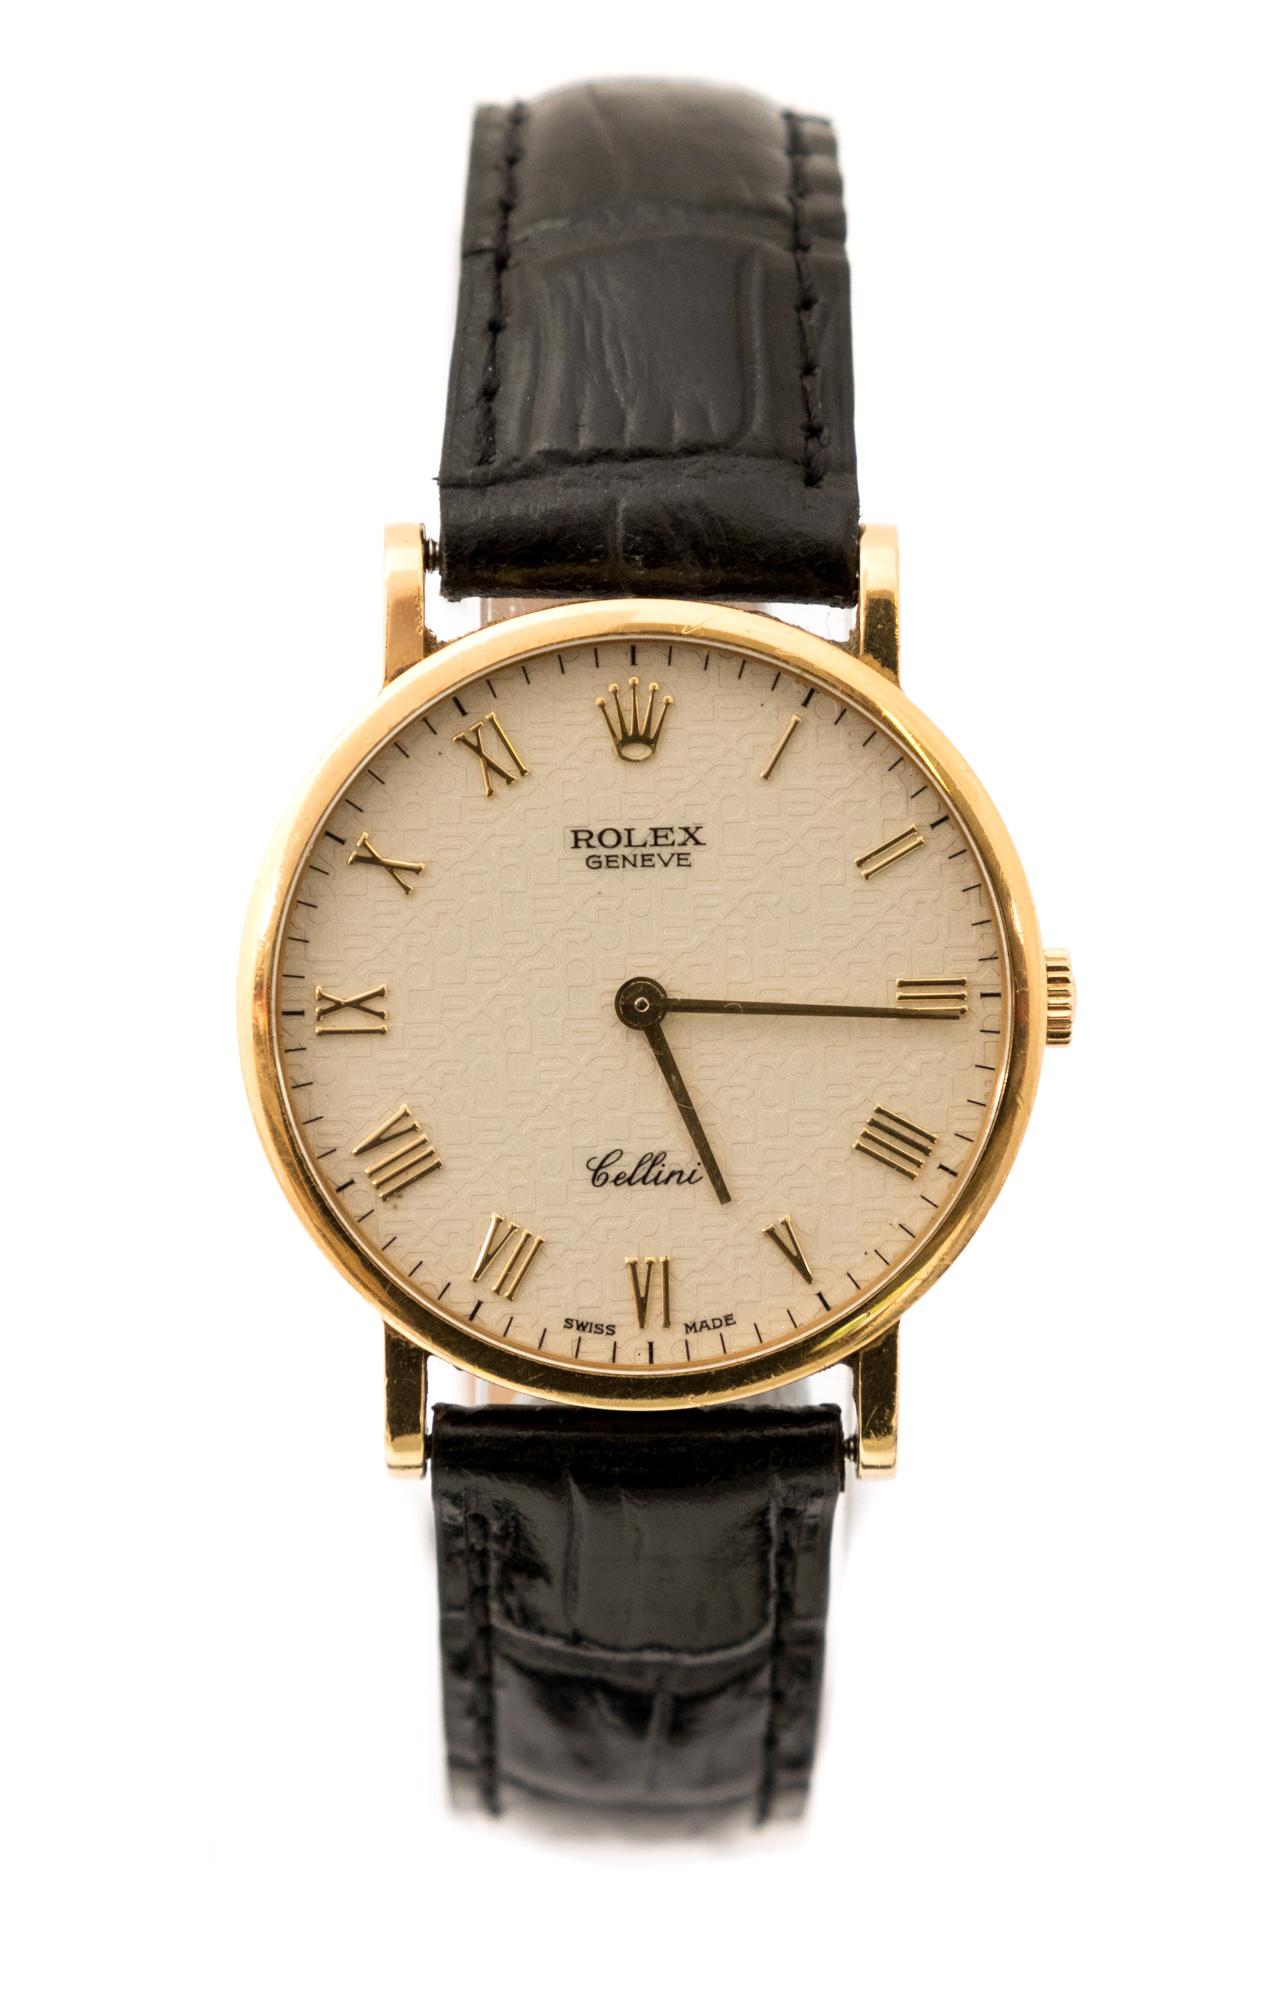 Rolex Cellini wristwatch